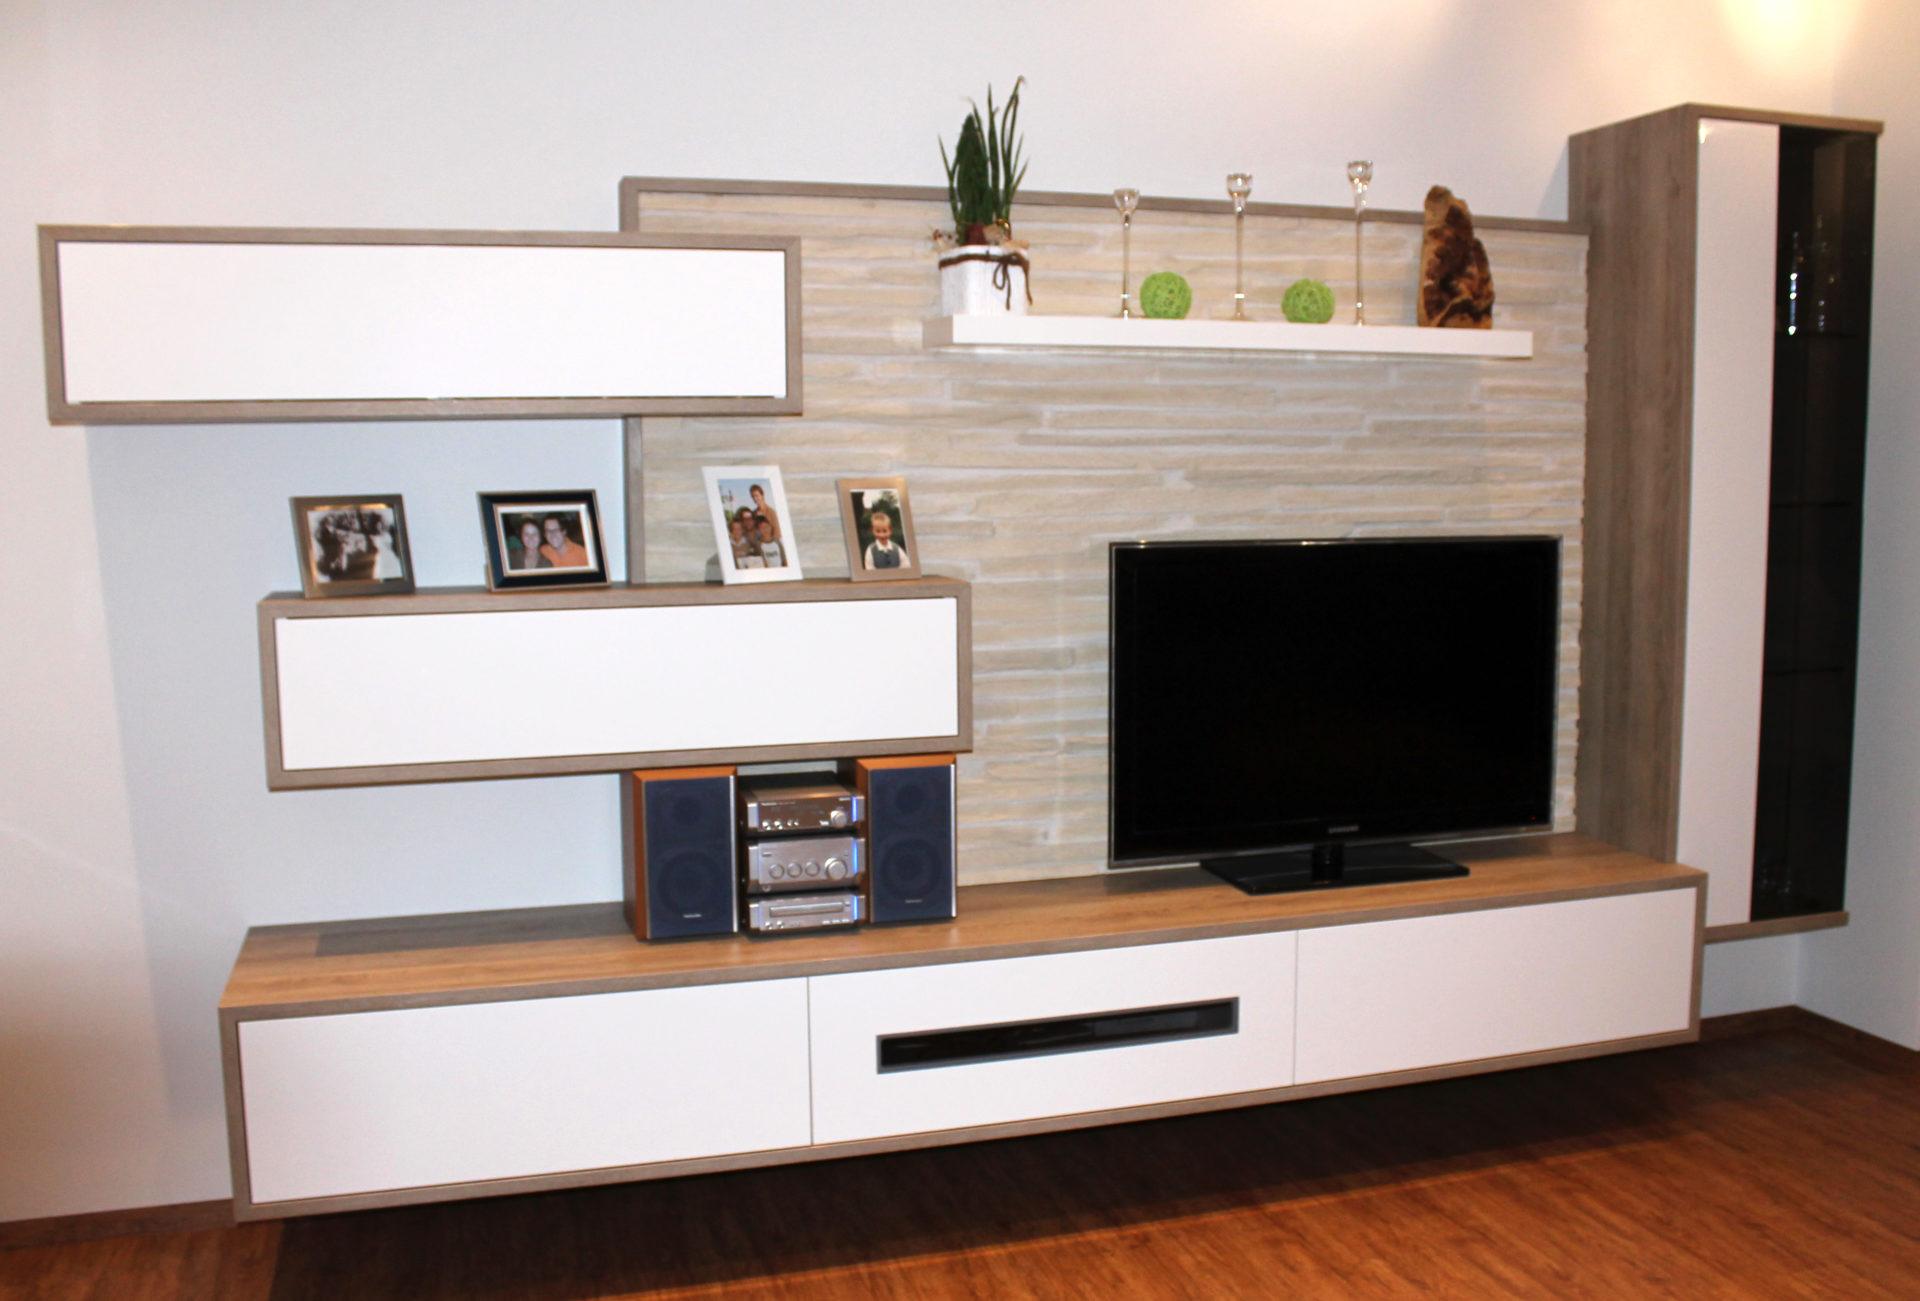 Spezialanfertigung von Möbeln